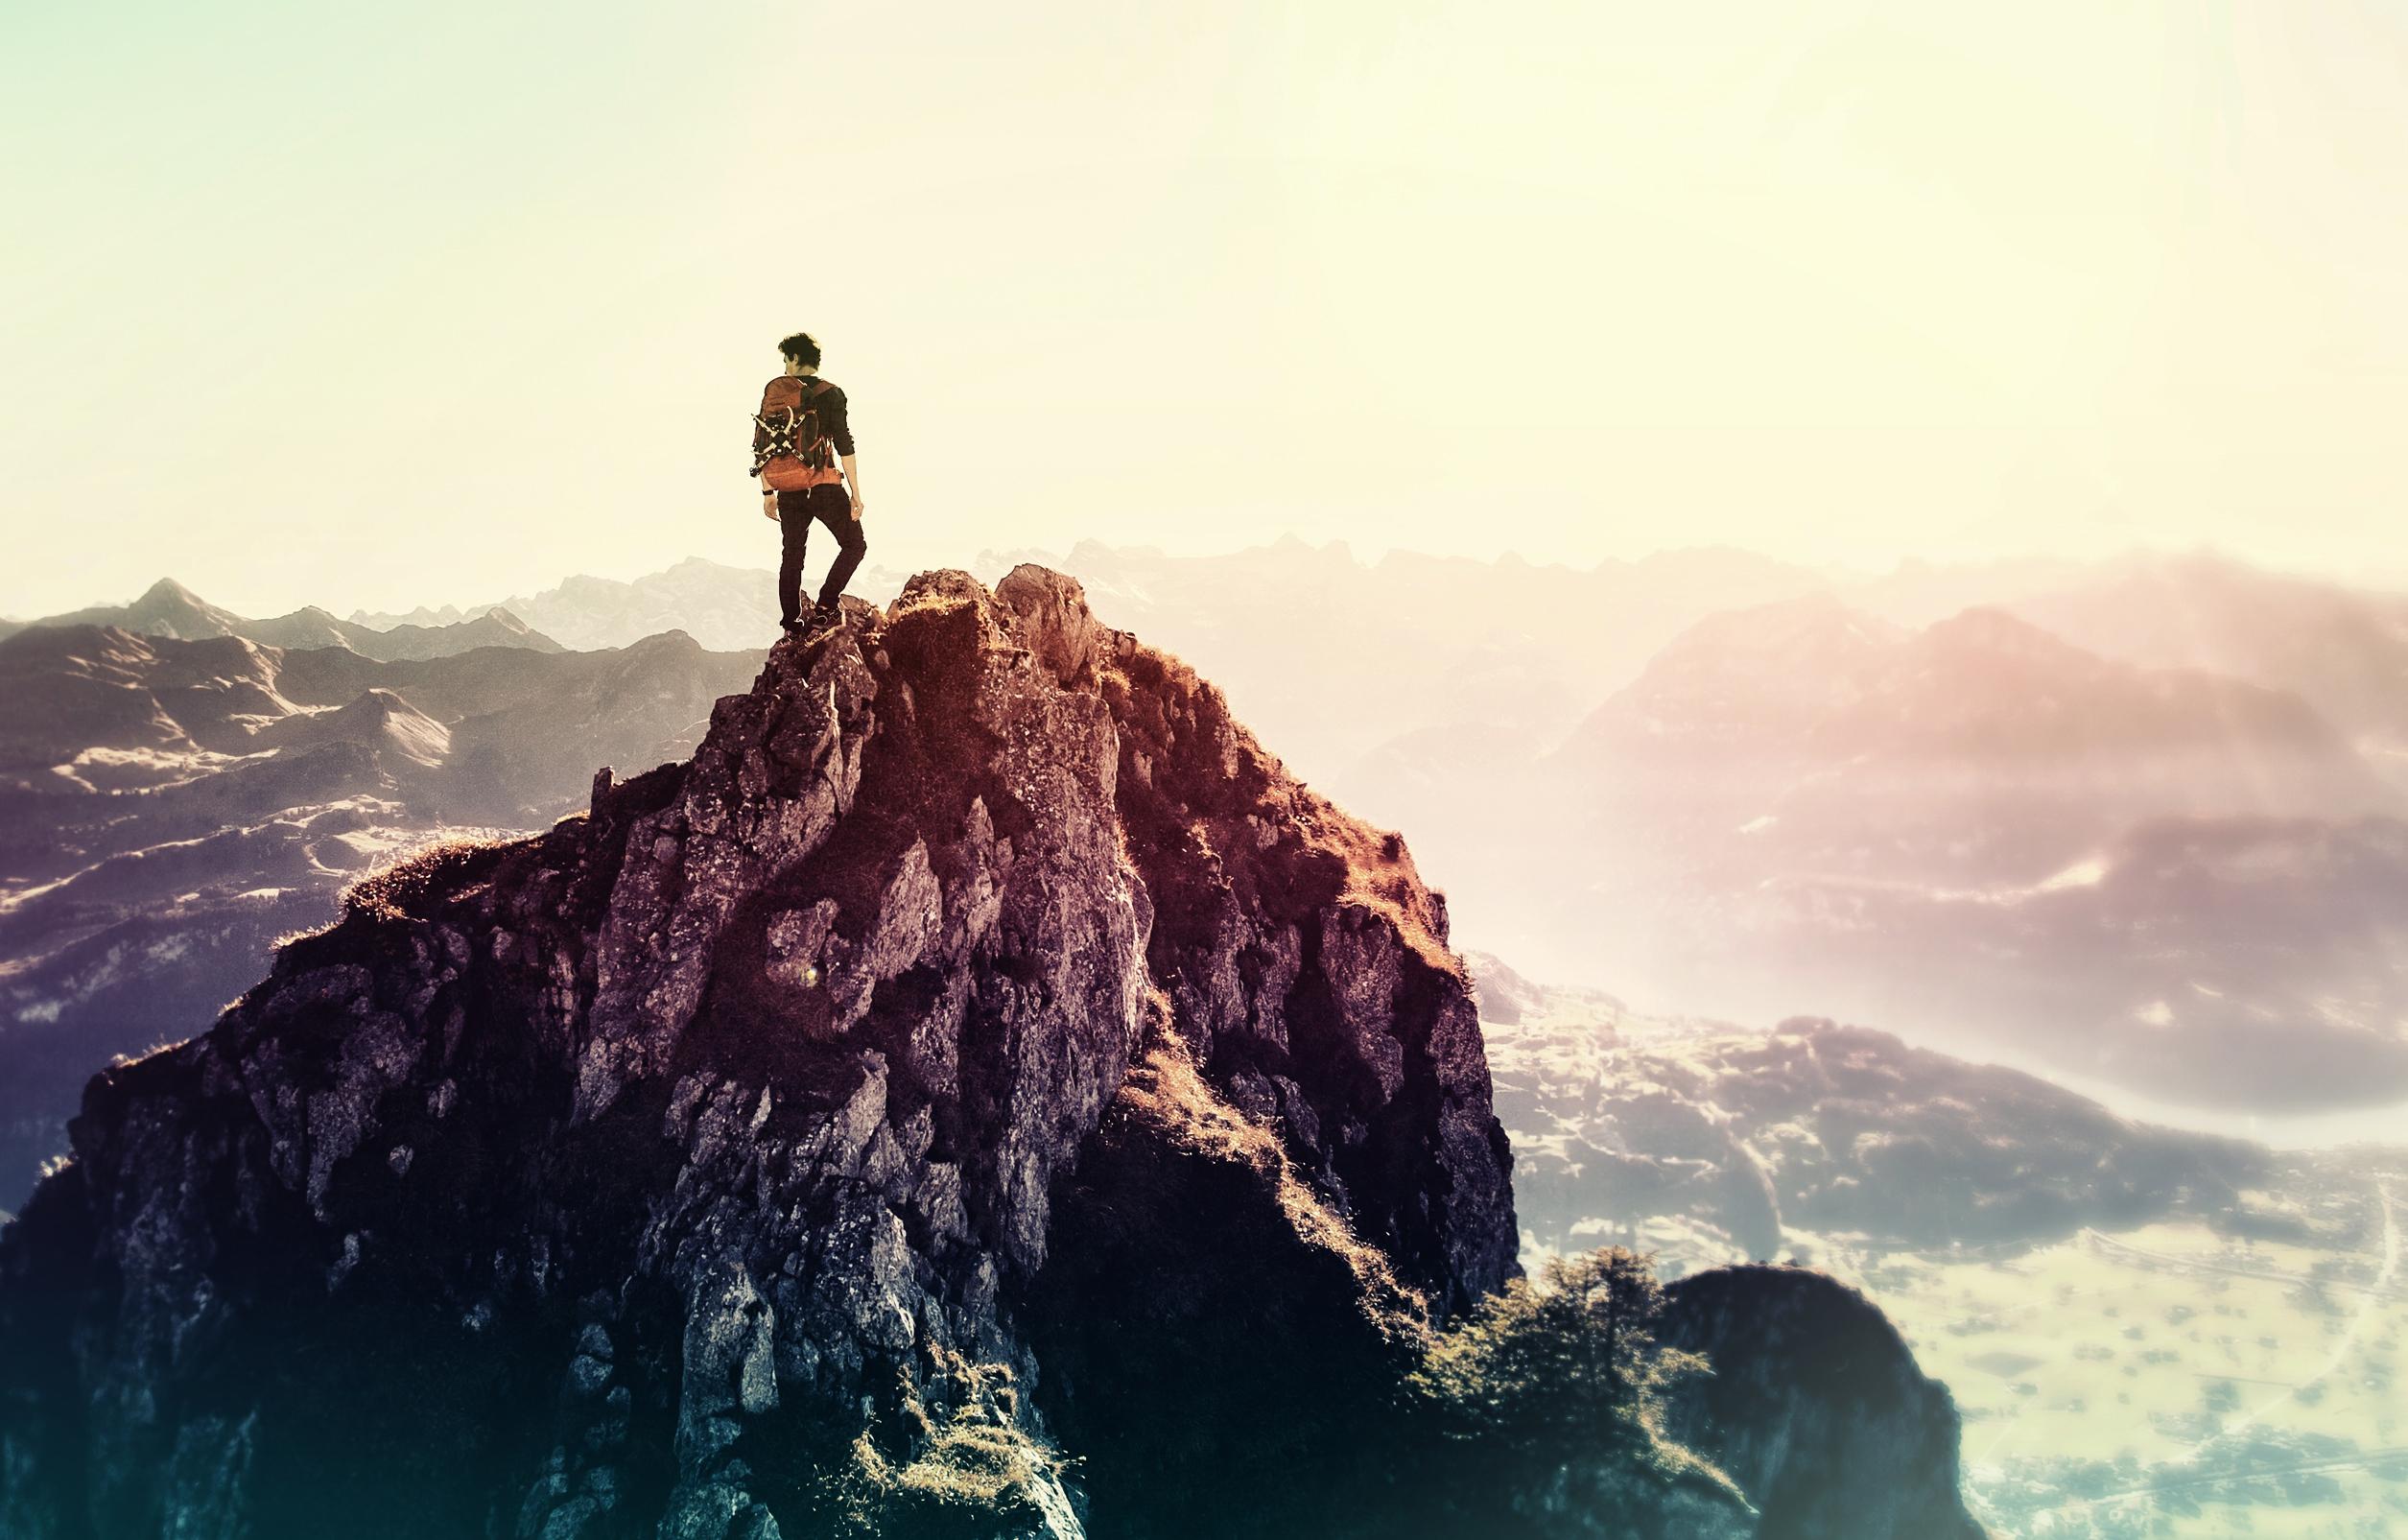 Man on the summitt - achiever photo